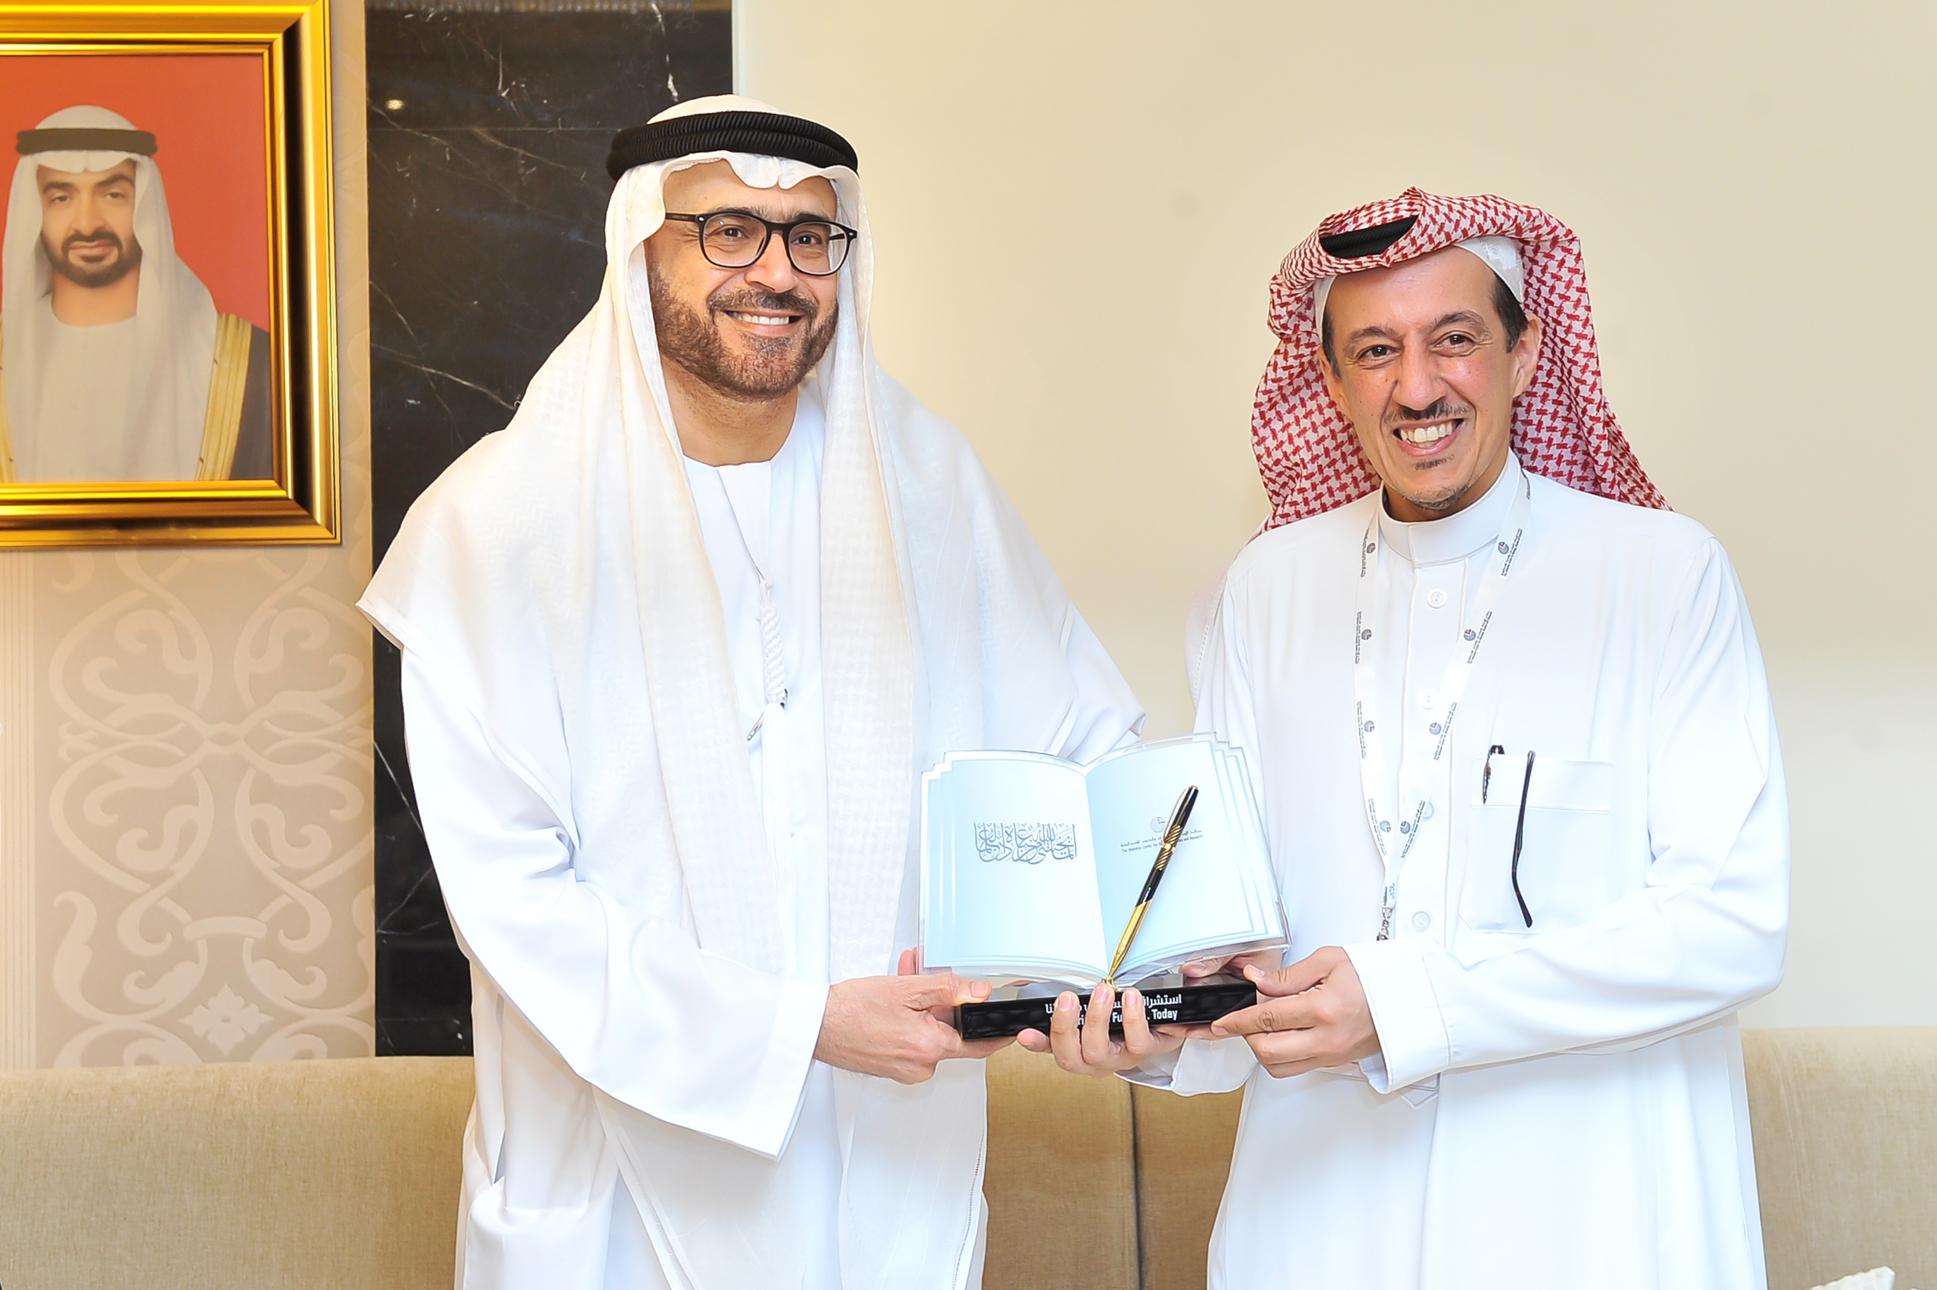 تركي الدخيل: العلاقات السعودية - الإماراتية تنطلق من أسس اجتماعية وسياسية مشتركة